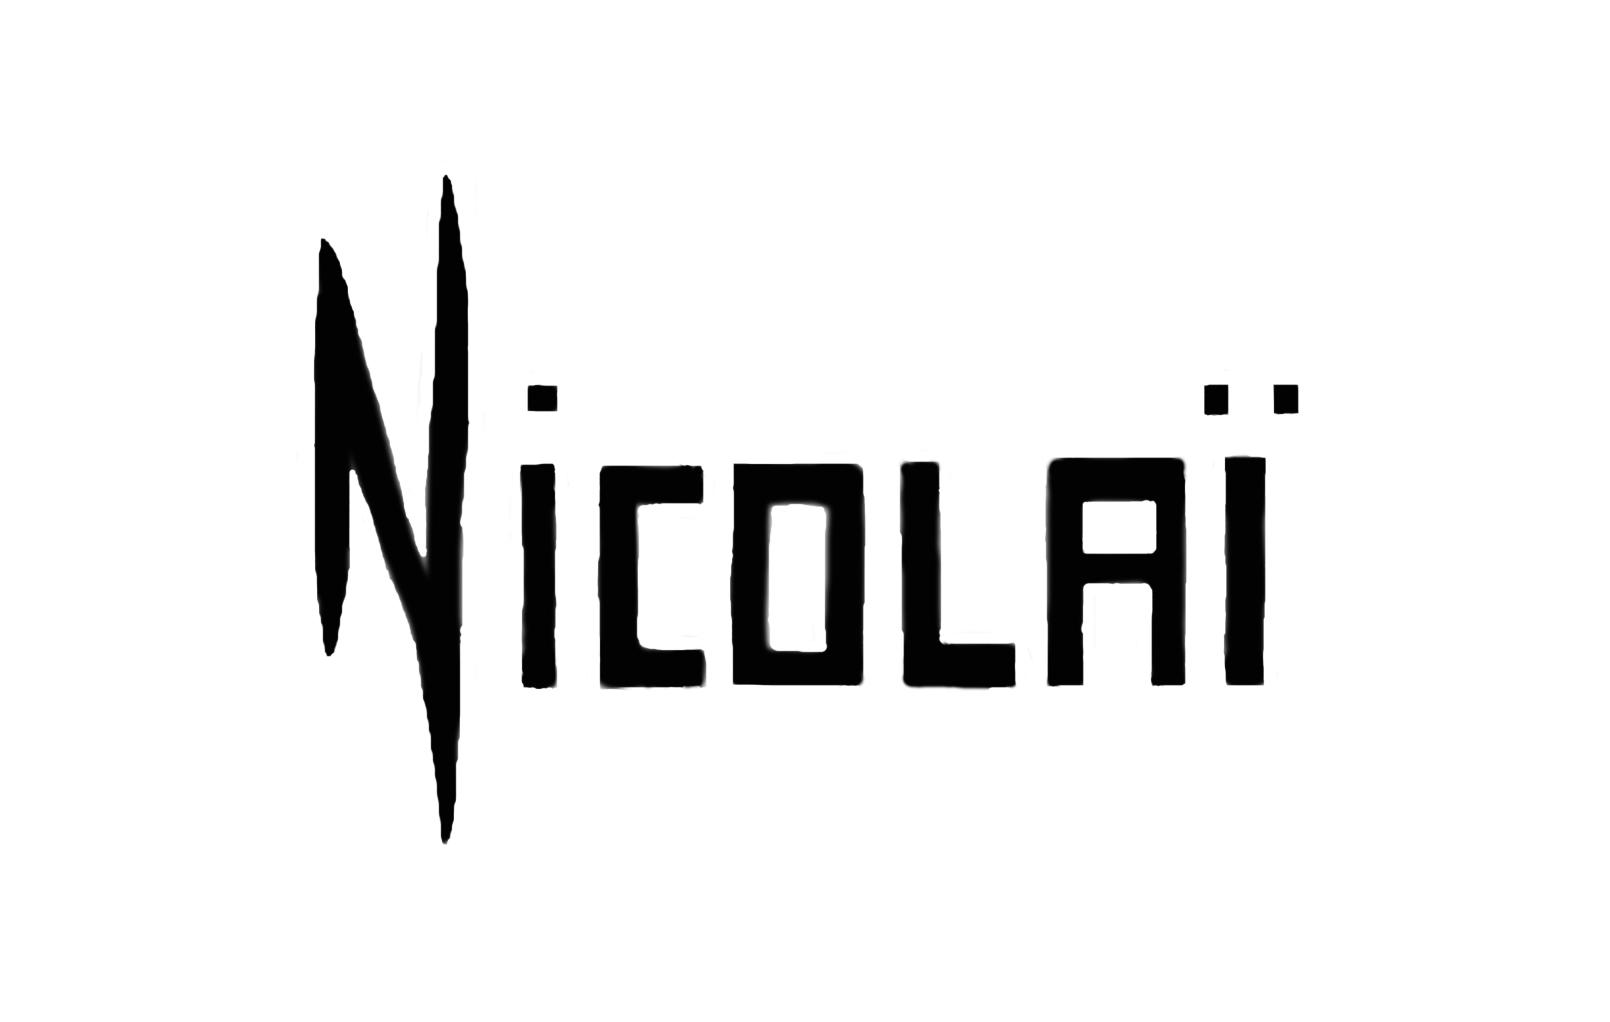 ELLE NICOLAI's Signature